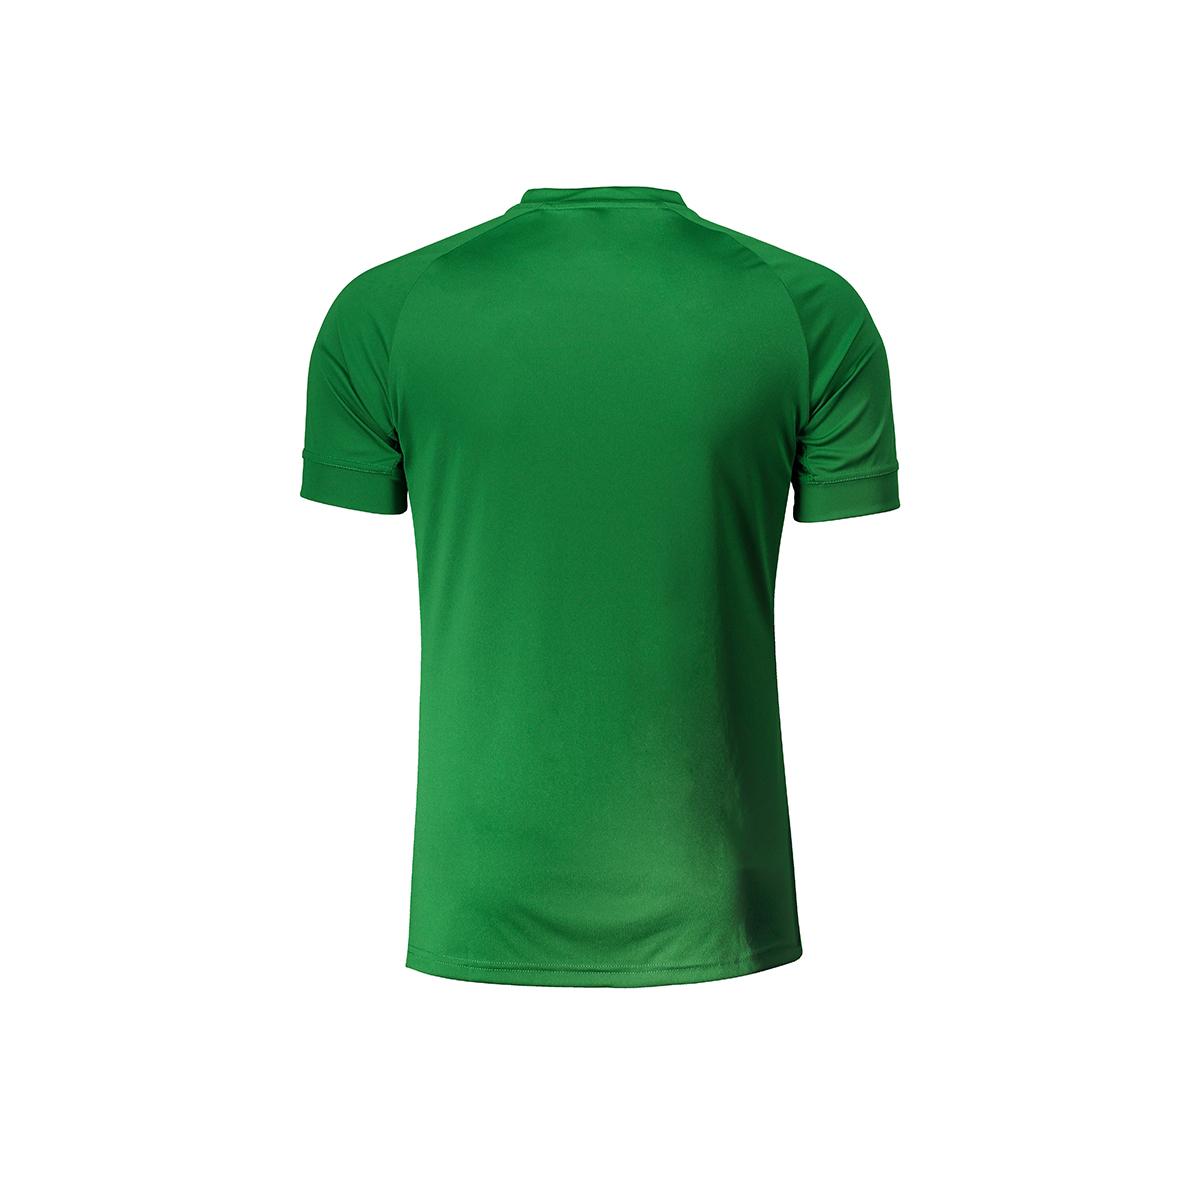 RSCA Training Shirt Kids 2020/2021 - Groen